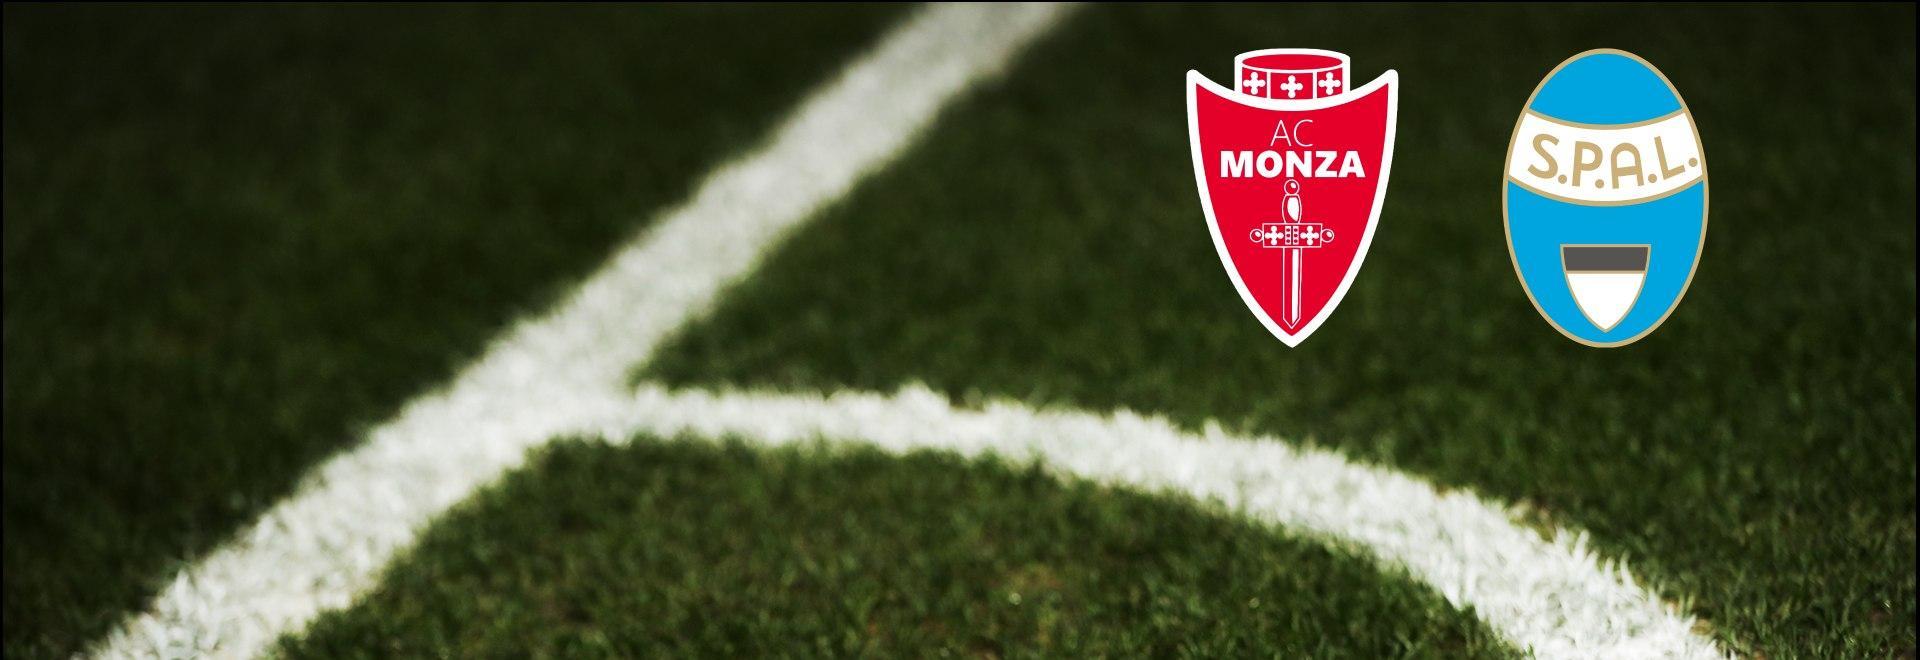 Monza - Spal. 1a g.